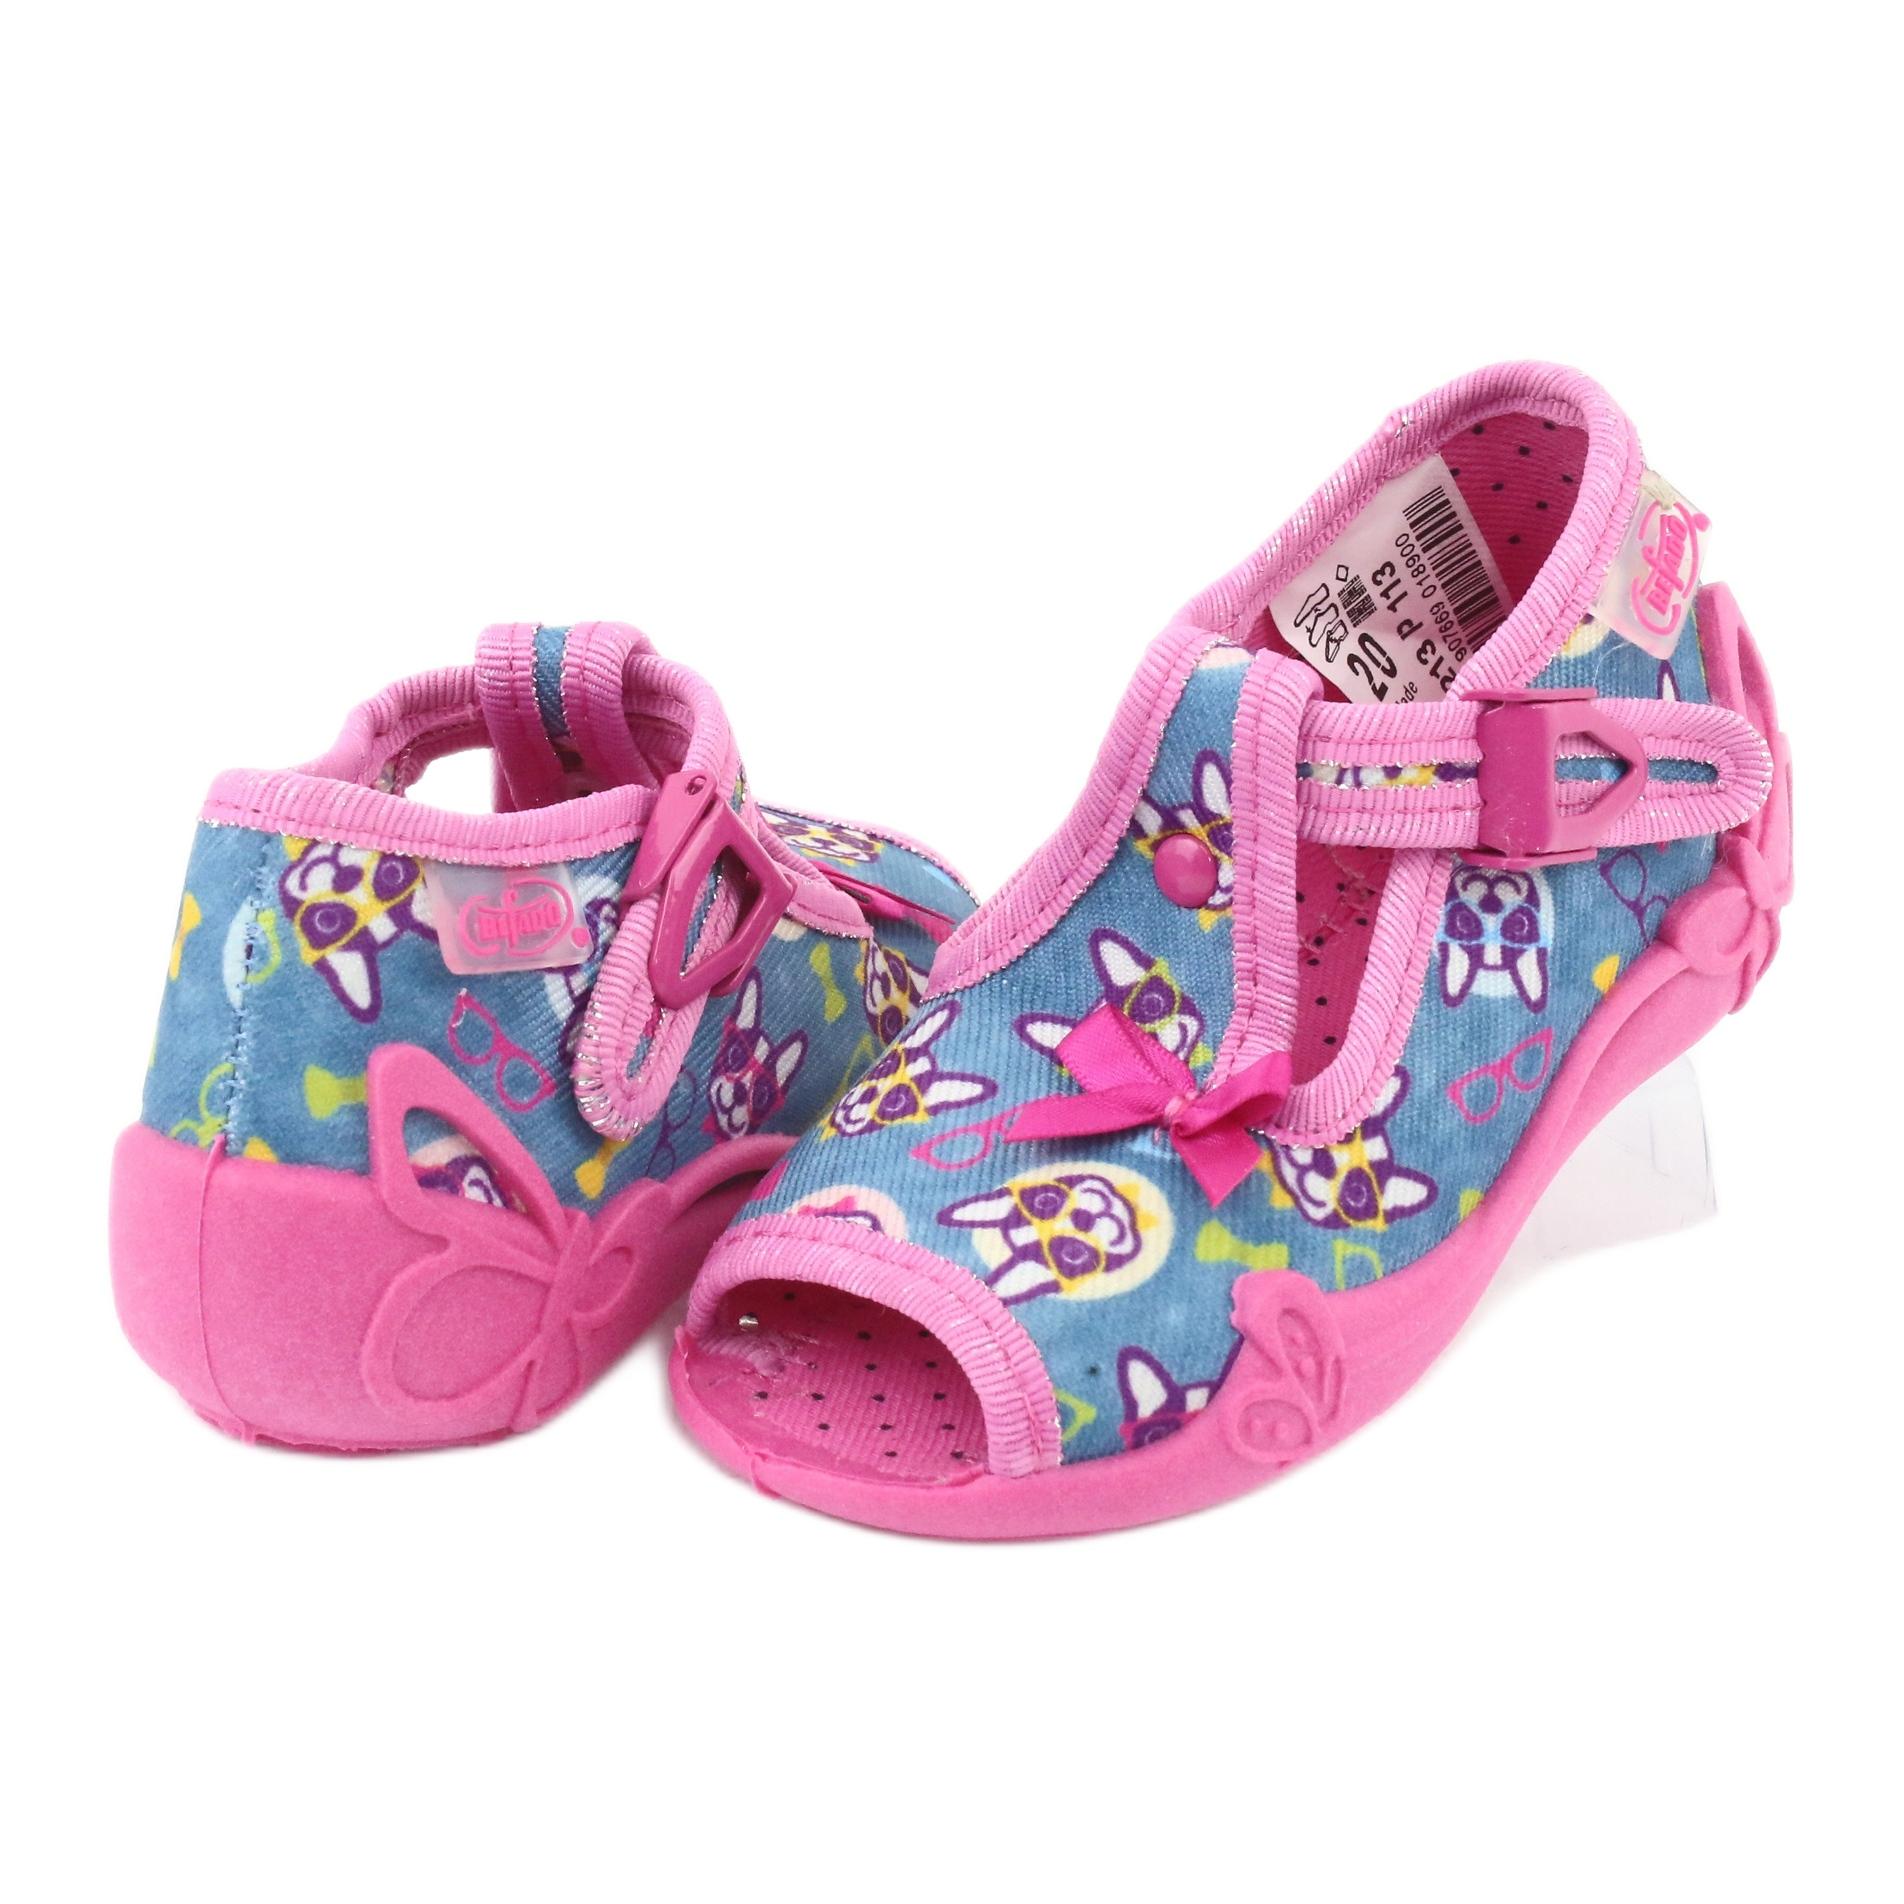 miniatura 6 - Scarpe per bambini rosa Befado 213P113 blu multicolore